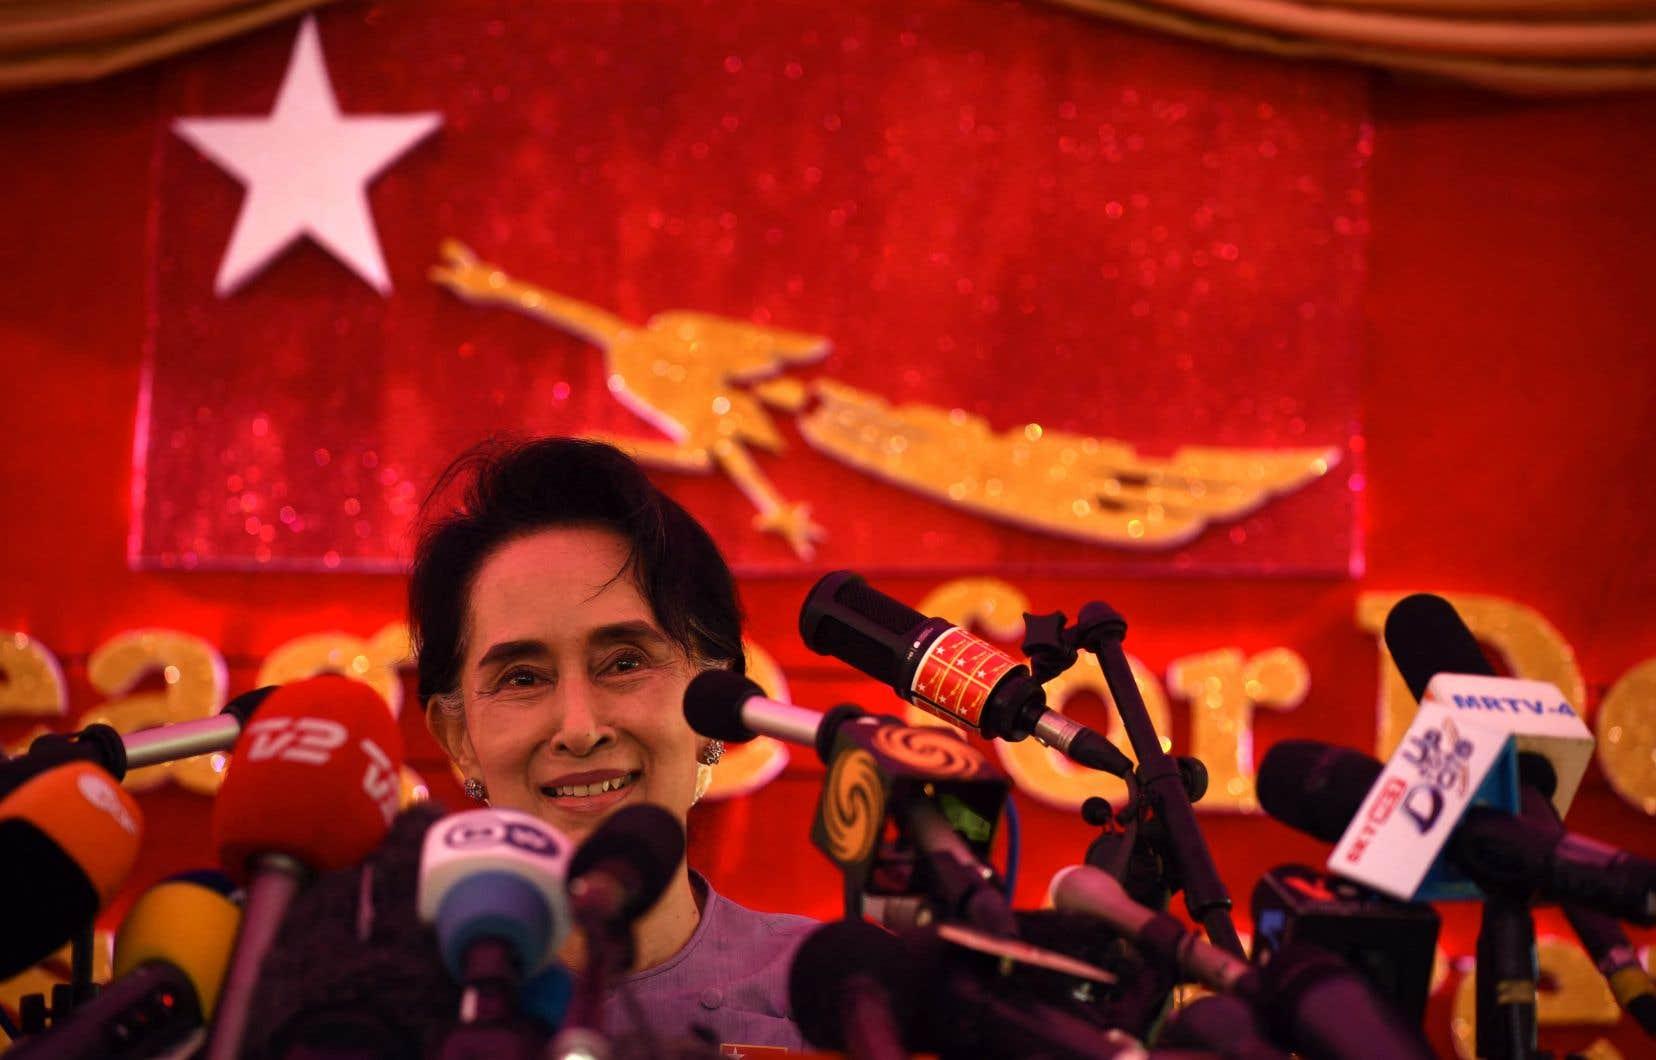 Aung San Suu Kyiest poursuivie pour non-respect des restrictions liées à la pandémie, importation illégale de talkies-walkies, incitation aux troubles publics et violation d'une loi sur les secrets d'État datant de l'époque coloniale.